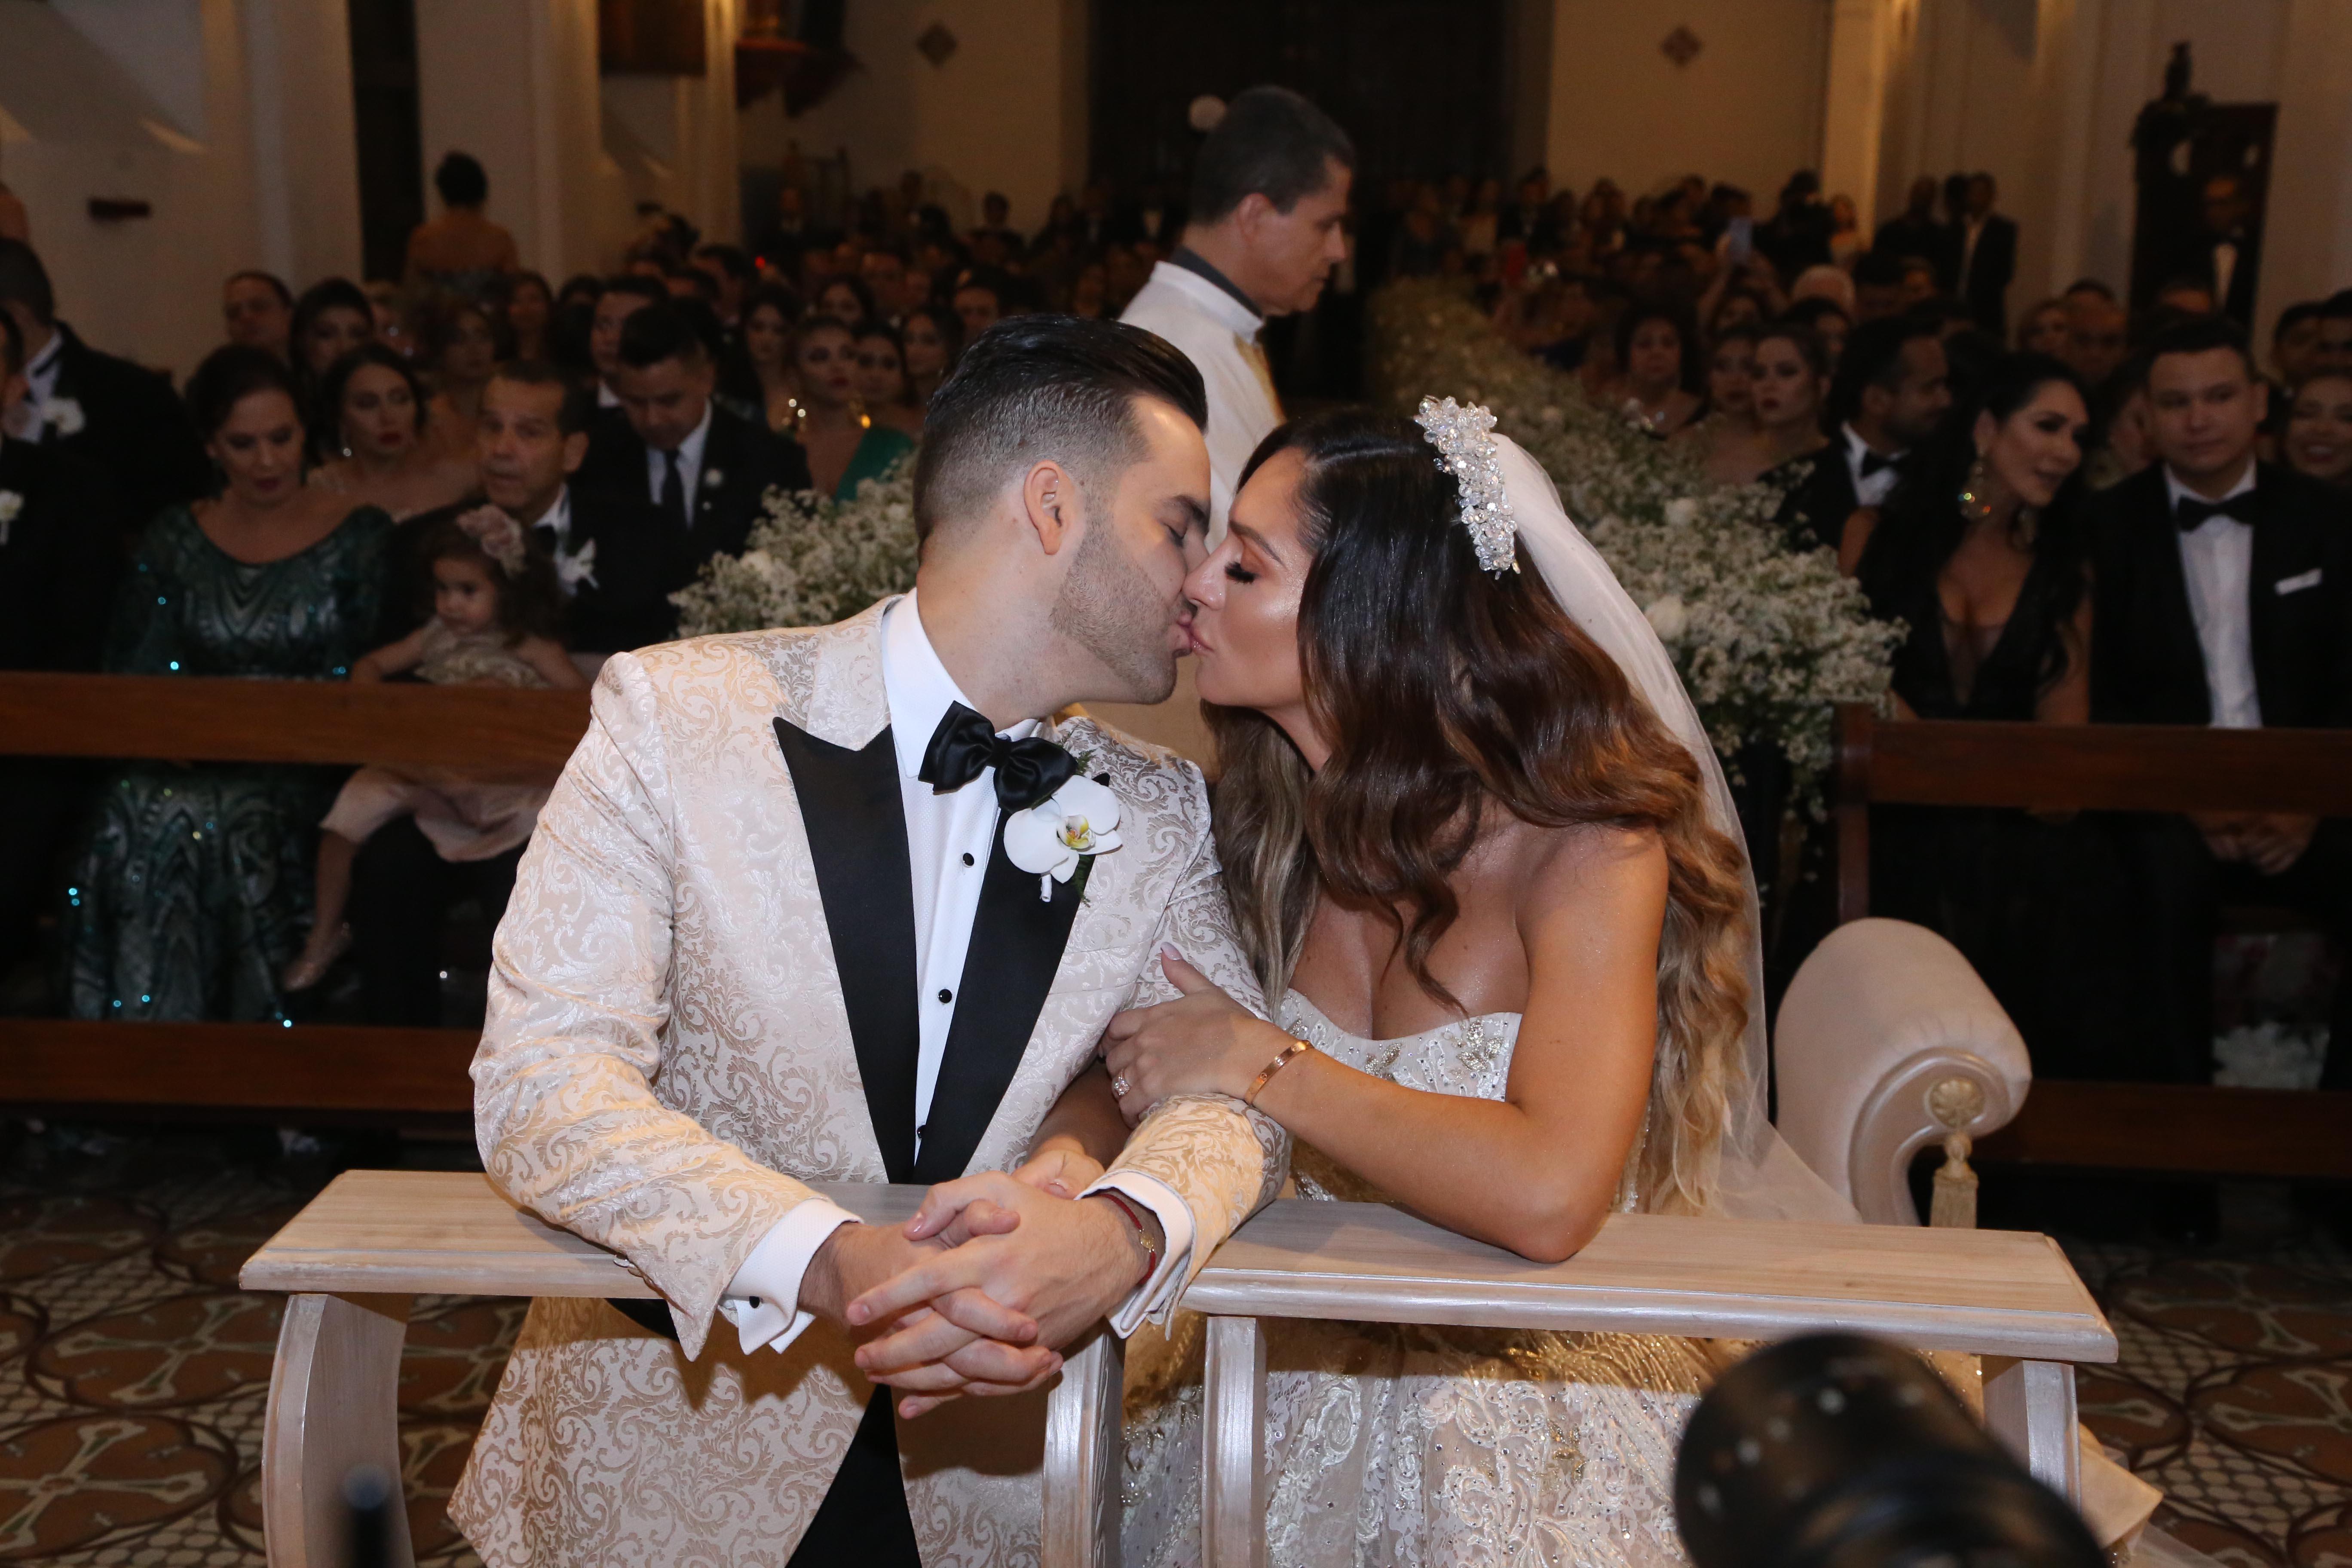 Matrimonio Simbolico Las Vegas : Kimberly reyes vivió una boda de ensueño tvynovelas colombia